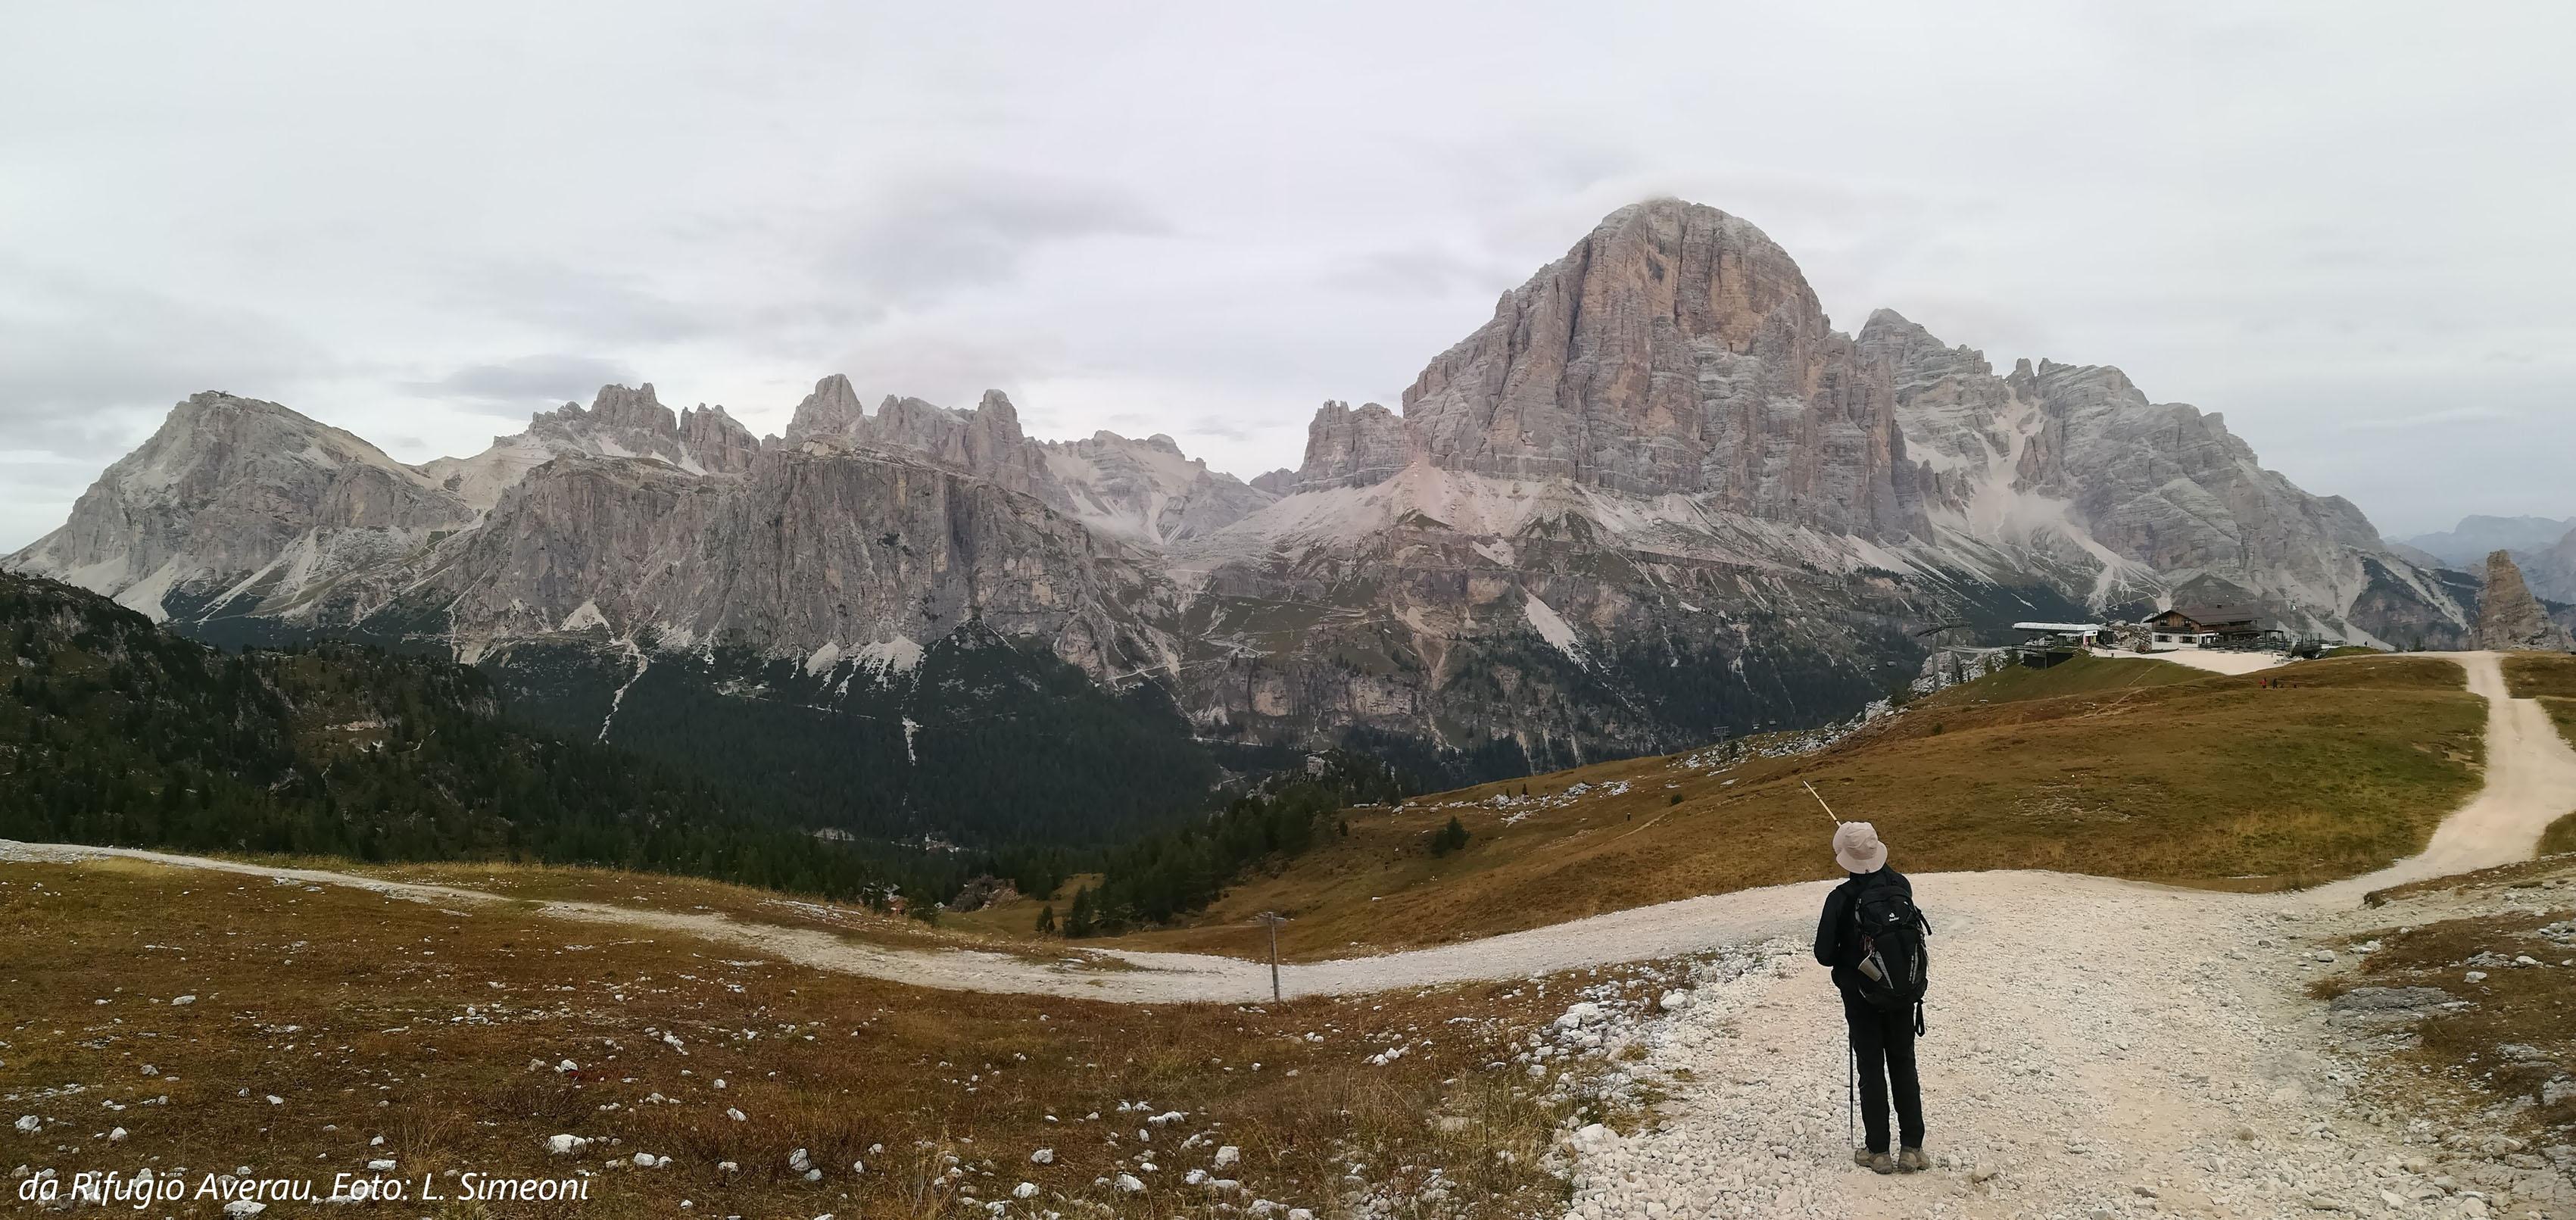 http://www.viaggiavventurenelmondo.it/immagini/cuoredolo6.jpg